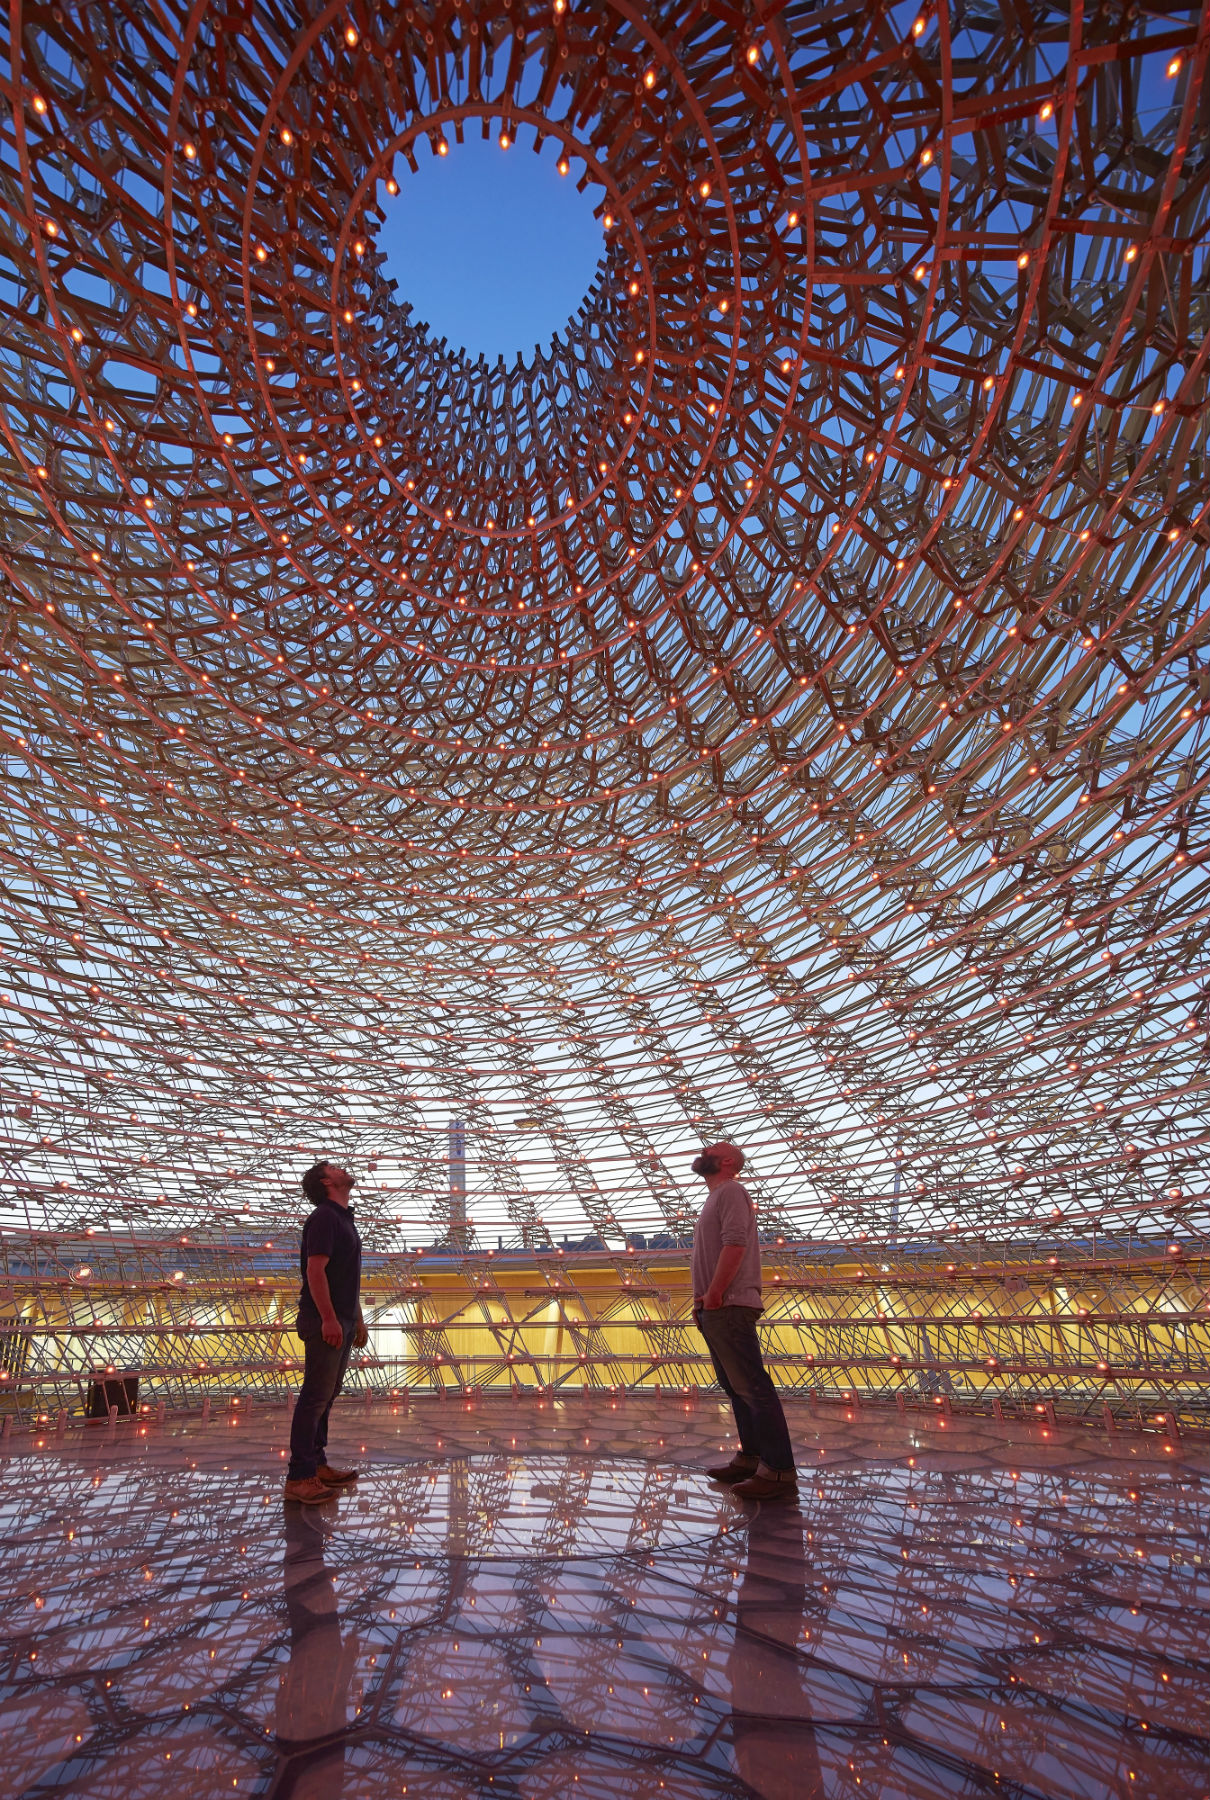 A instalação The Hive no pavilhão da Grã Bretanha na expo Milão